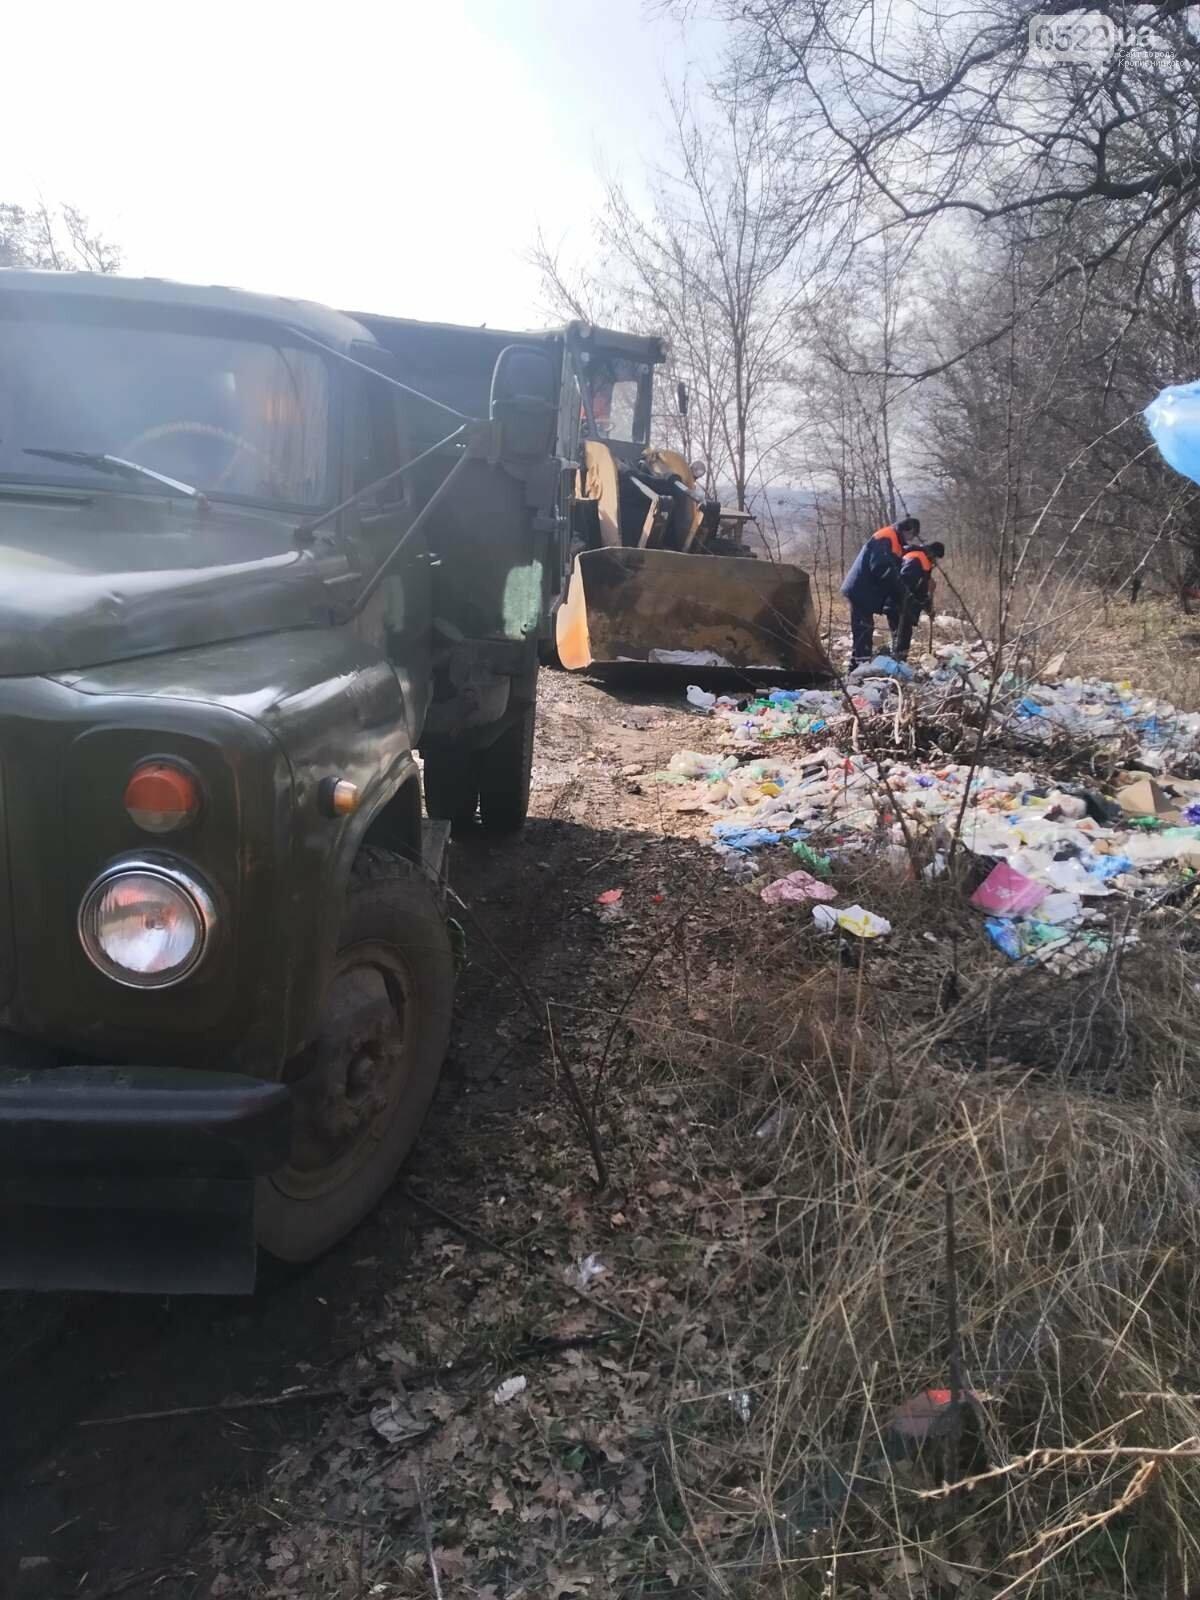 Працівники Кіровоградського облавтодору ліквідували несанкціоноване сміттєзвалище, фото-1